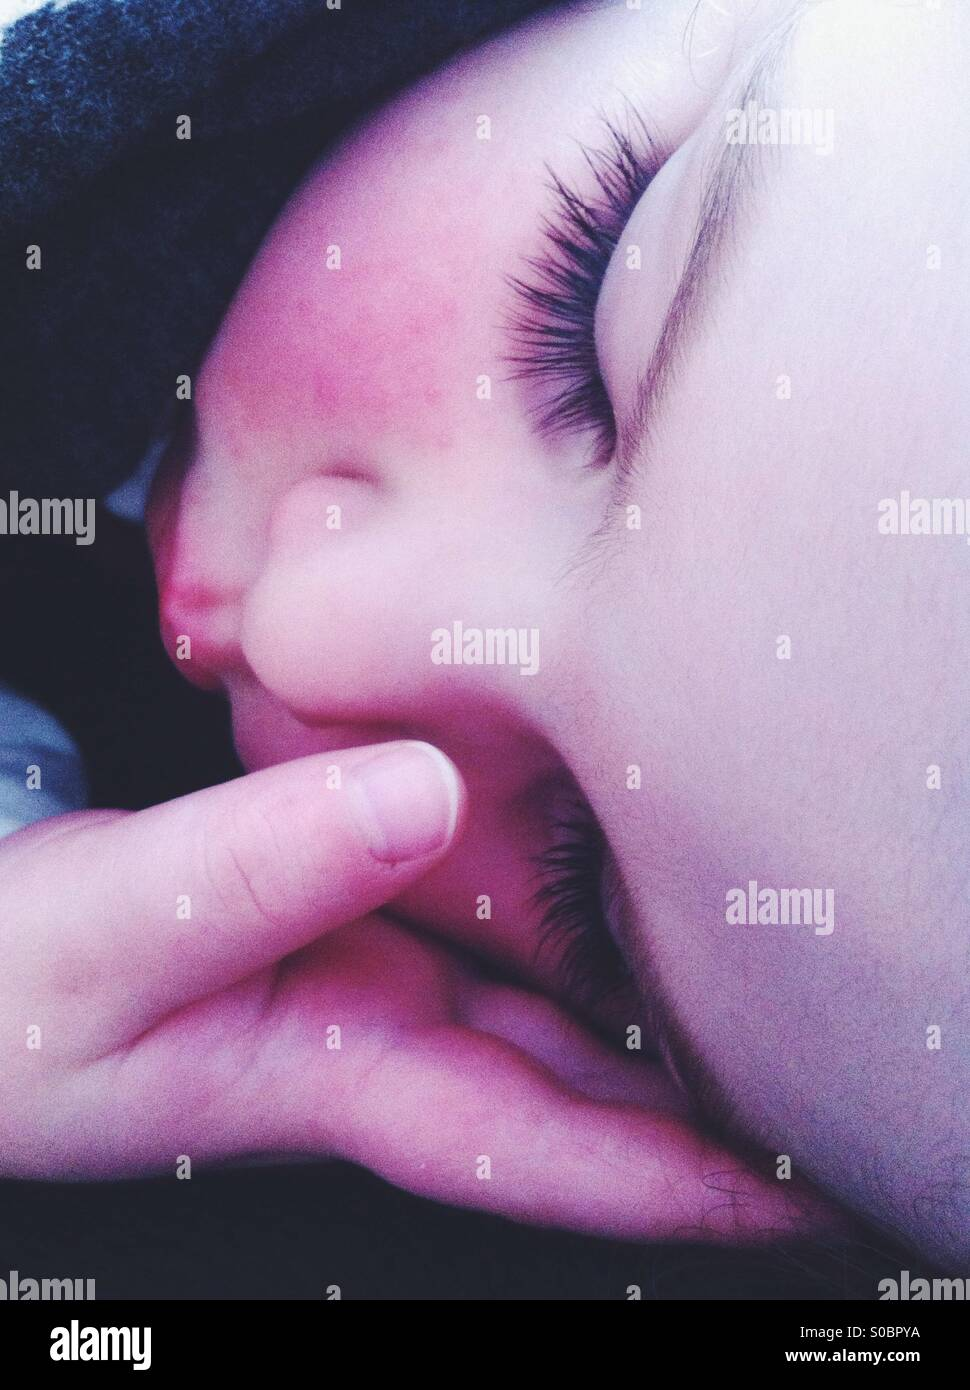 Sleepy baby - Stock Image